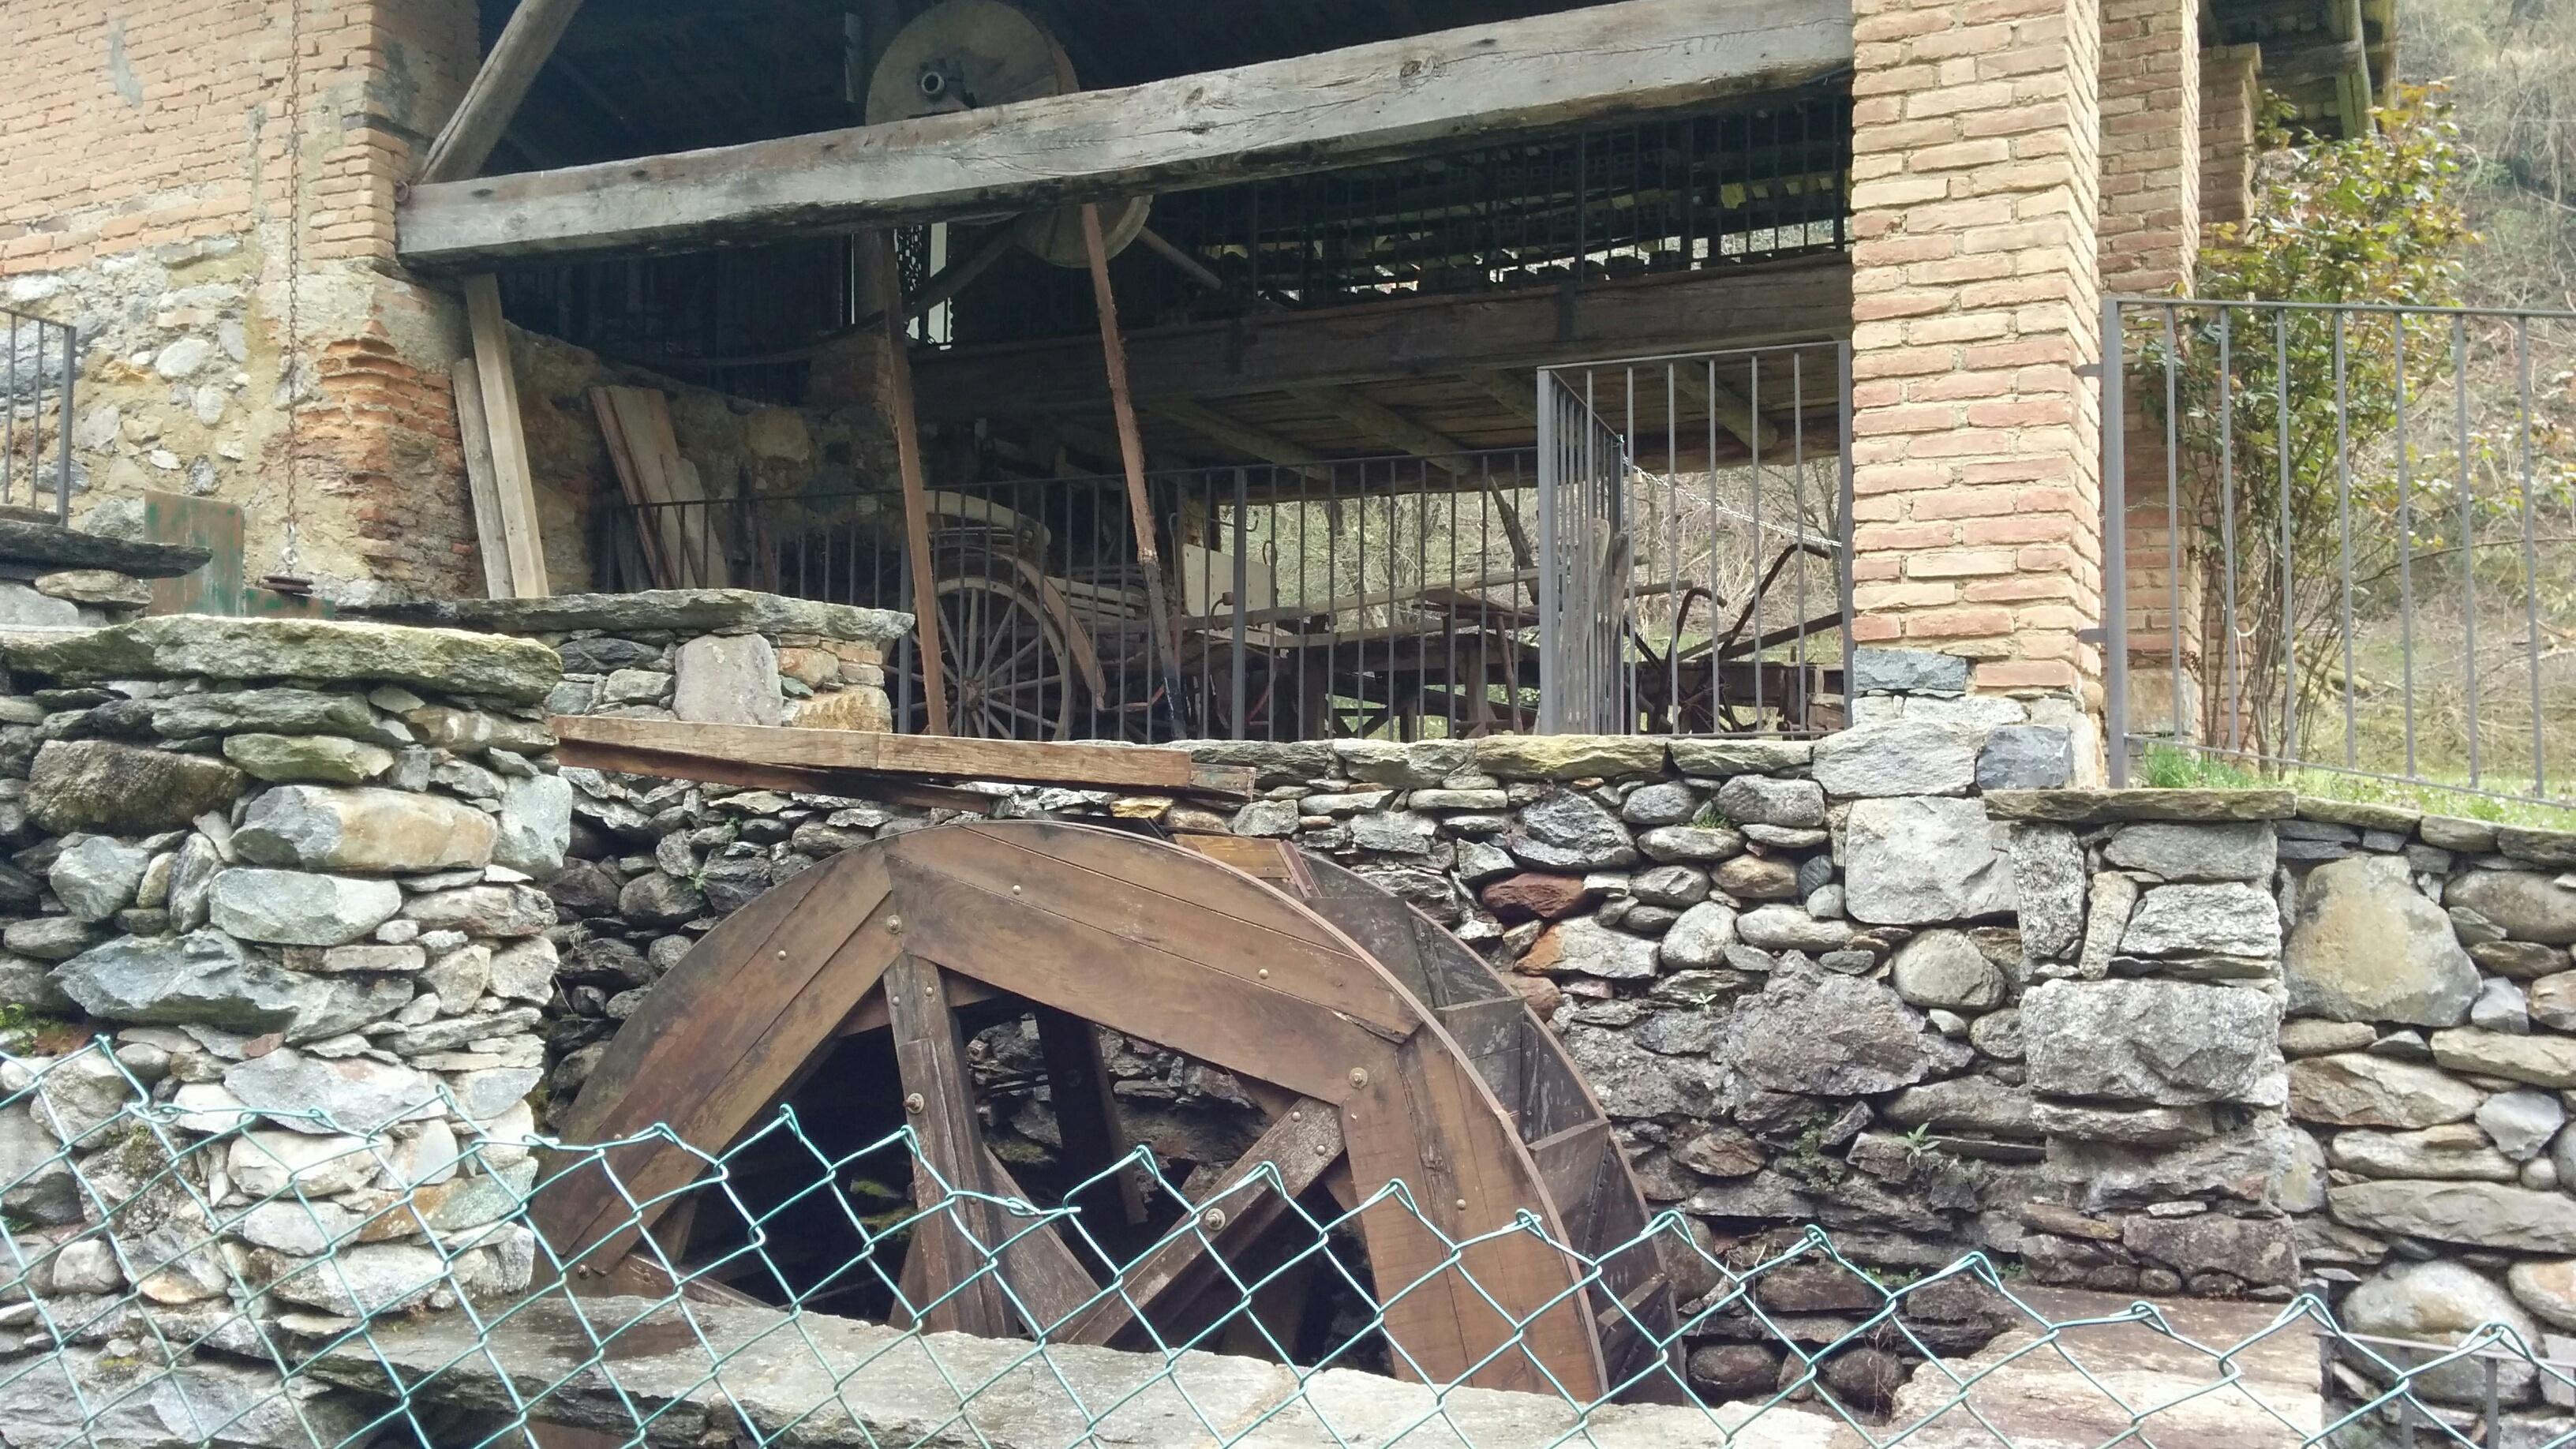 Vorbei an einer alten Mühle